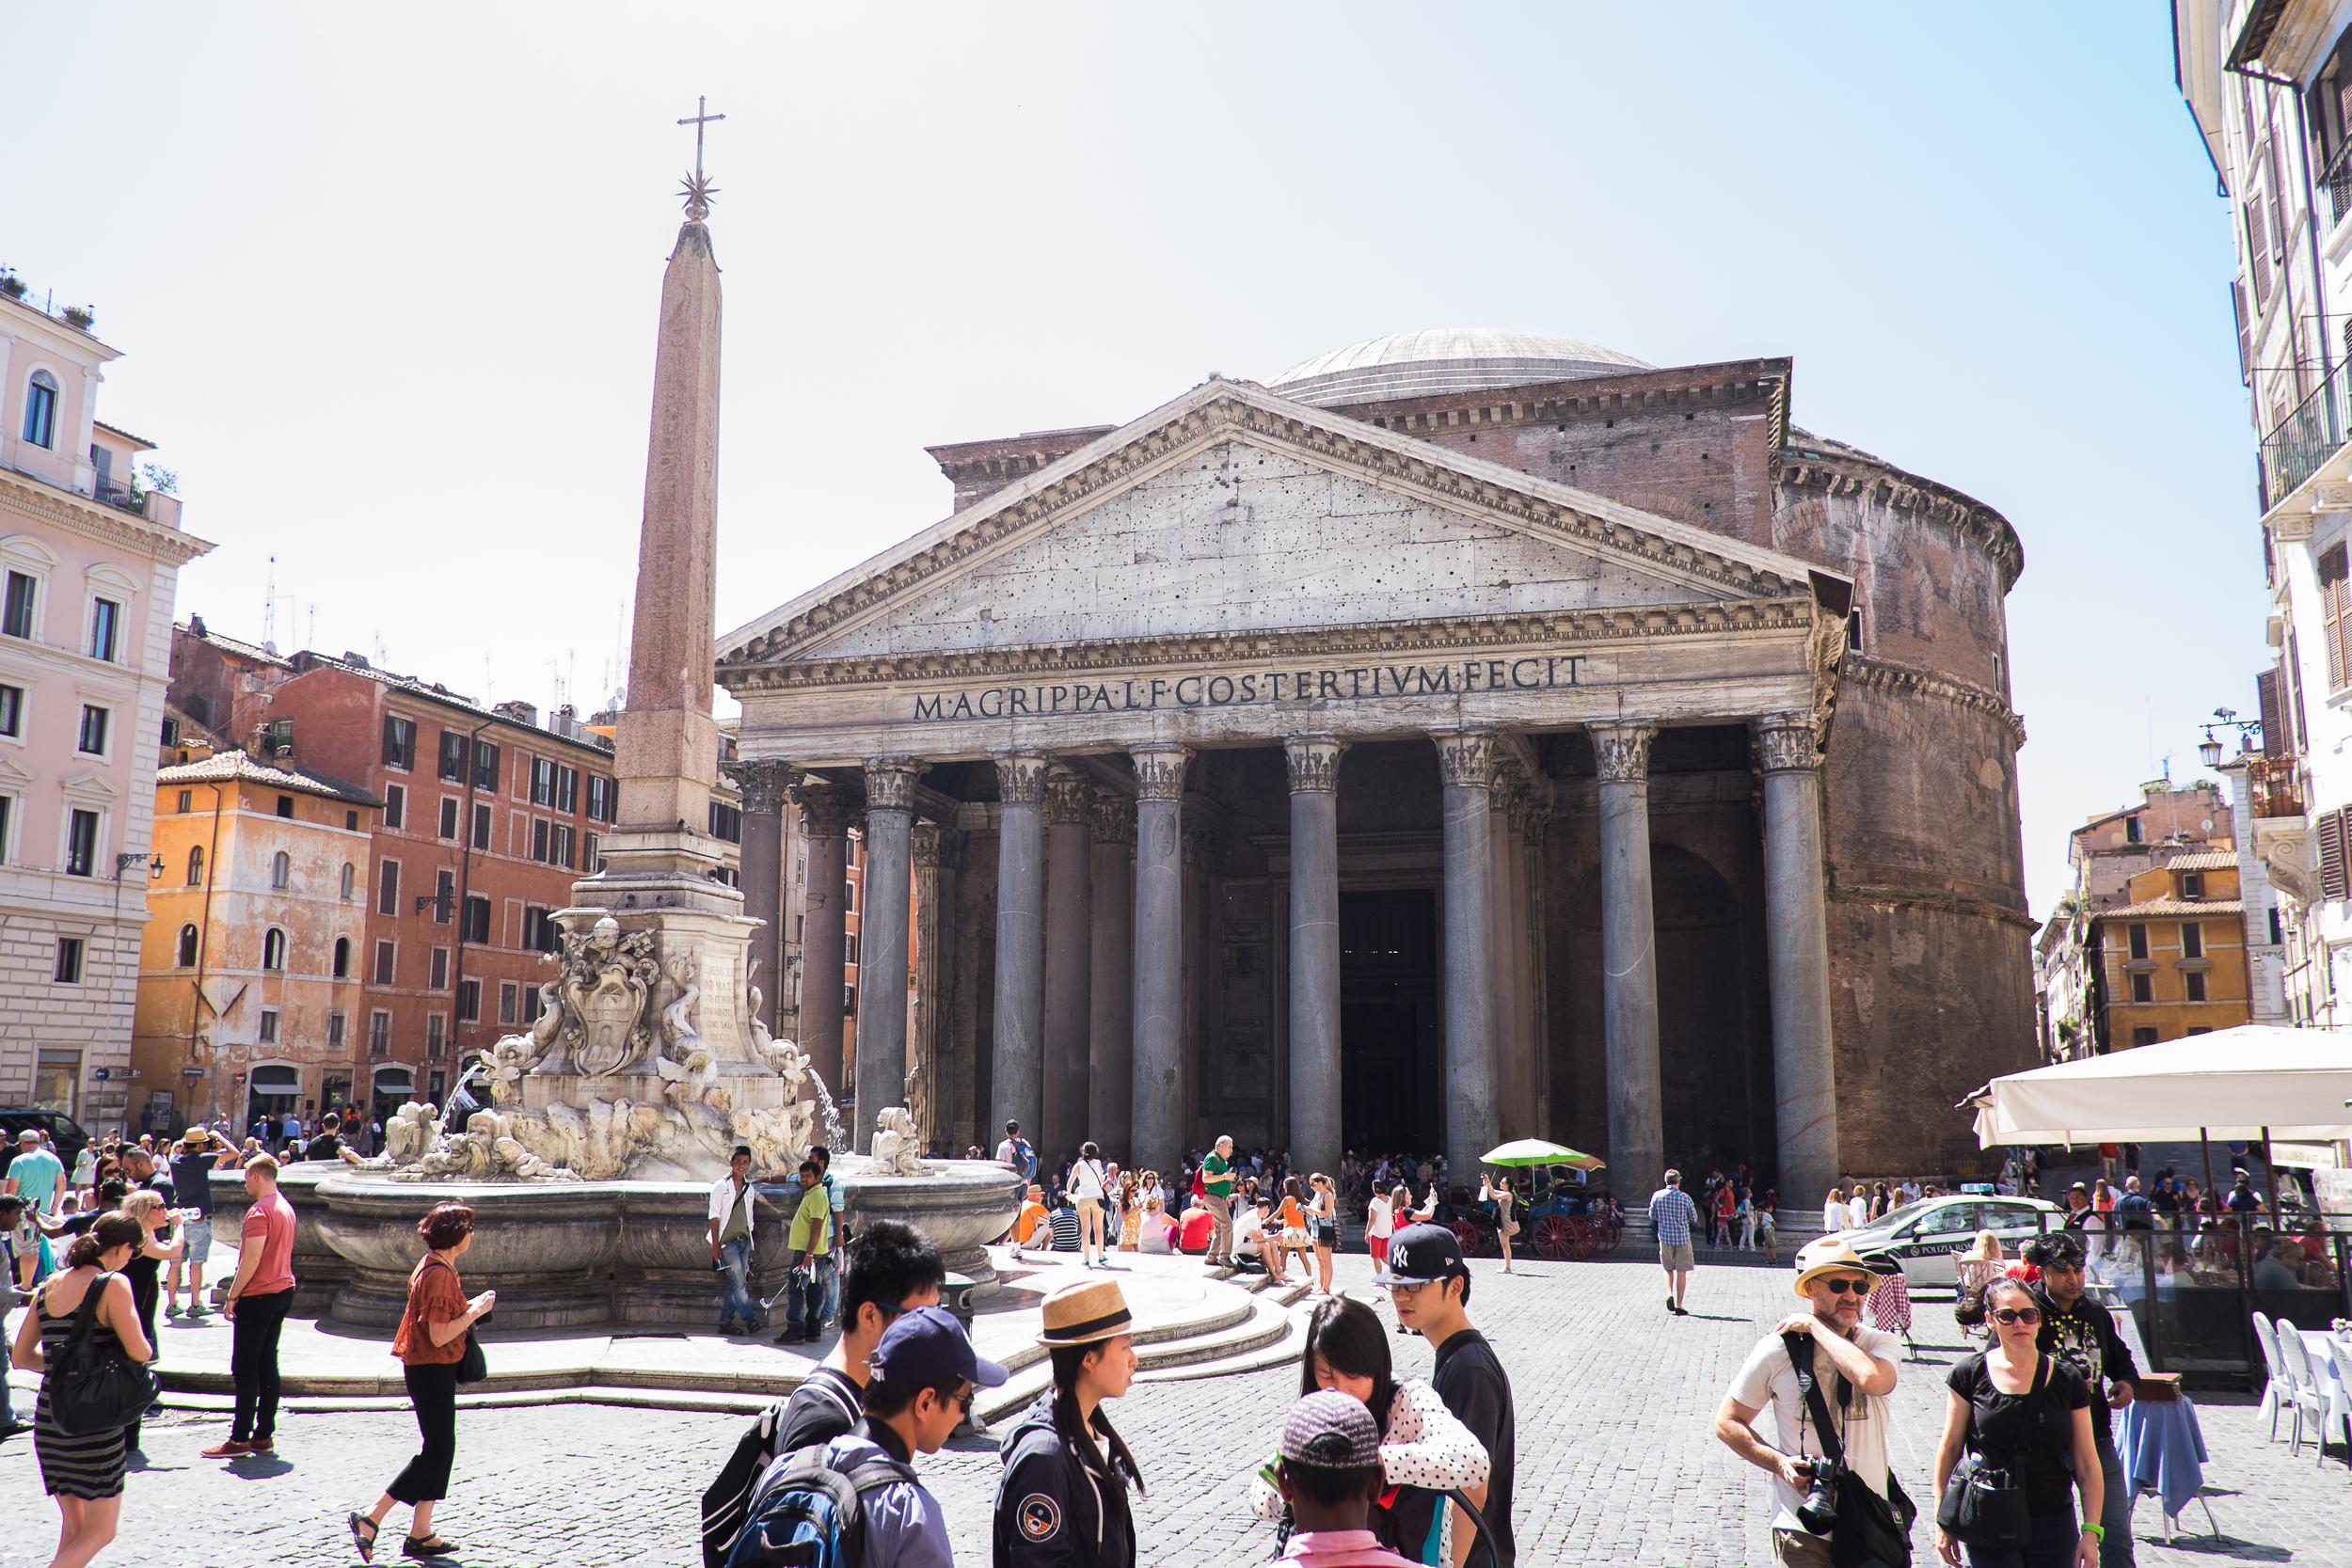 Piazza del la Rotunda, Pantheon